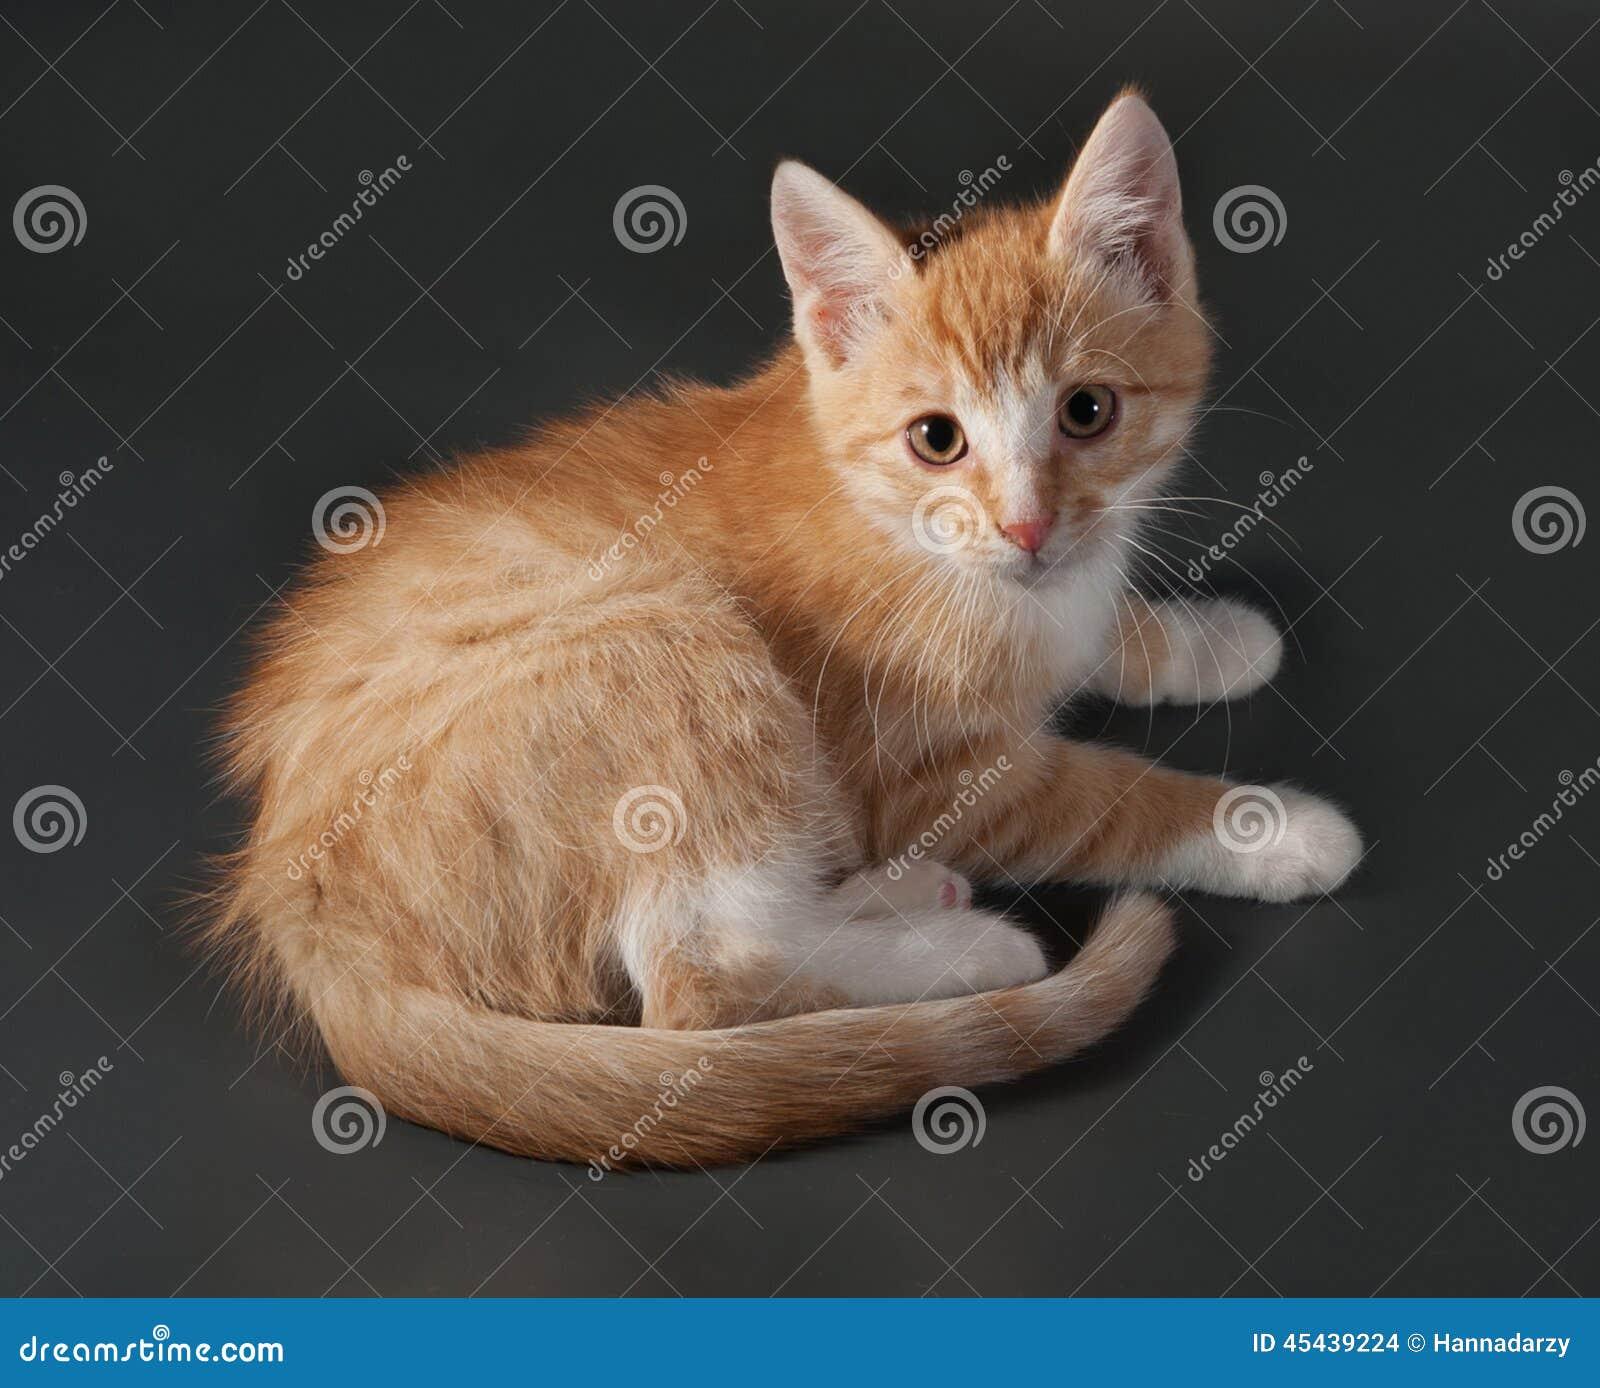 cat defense keychain